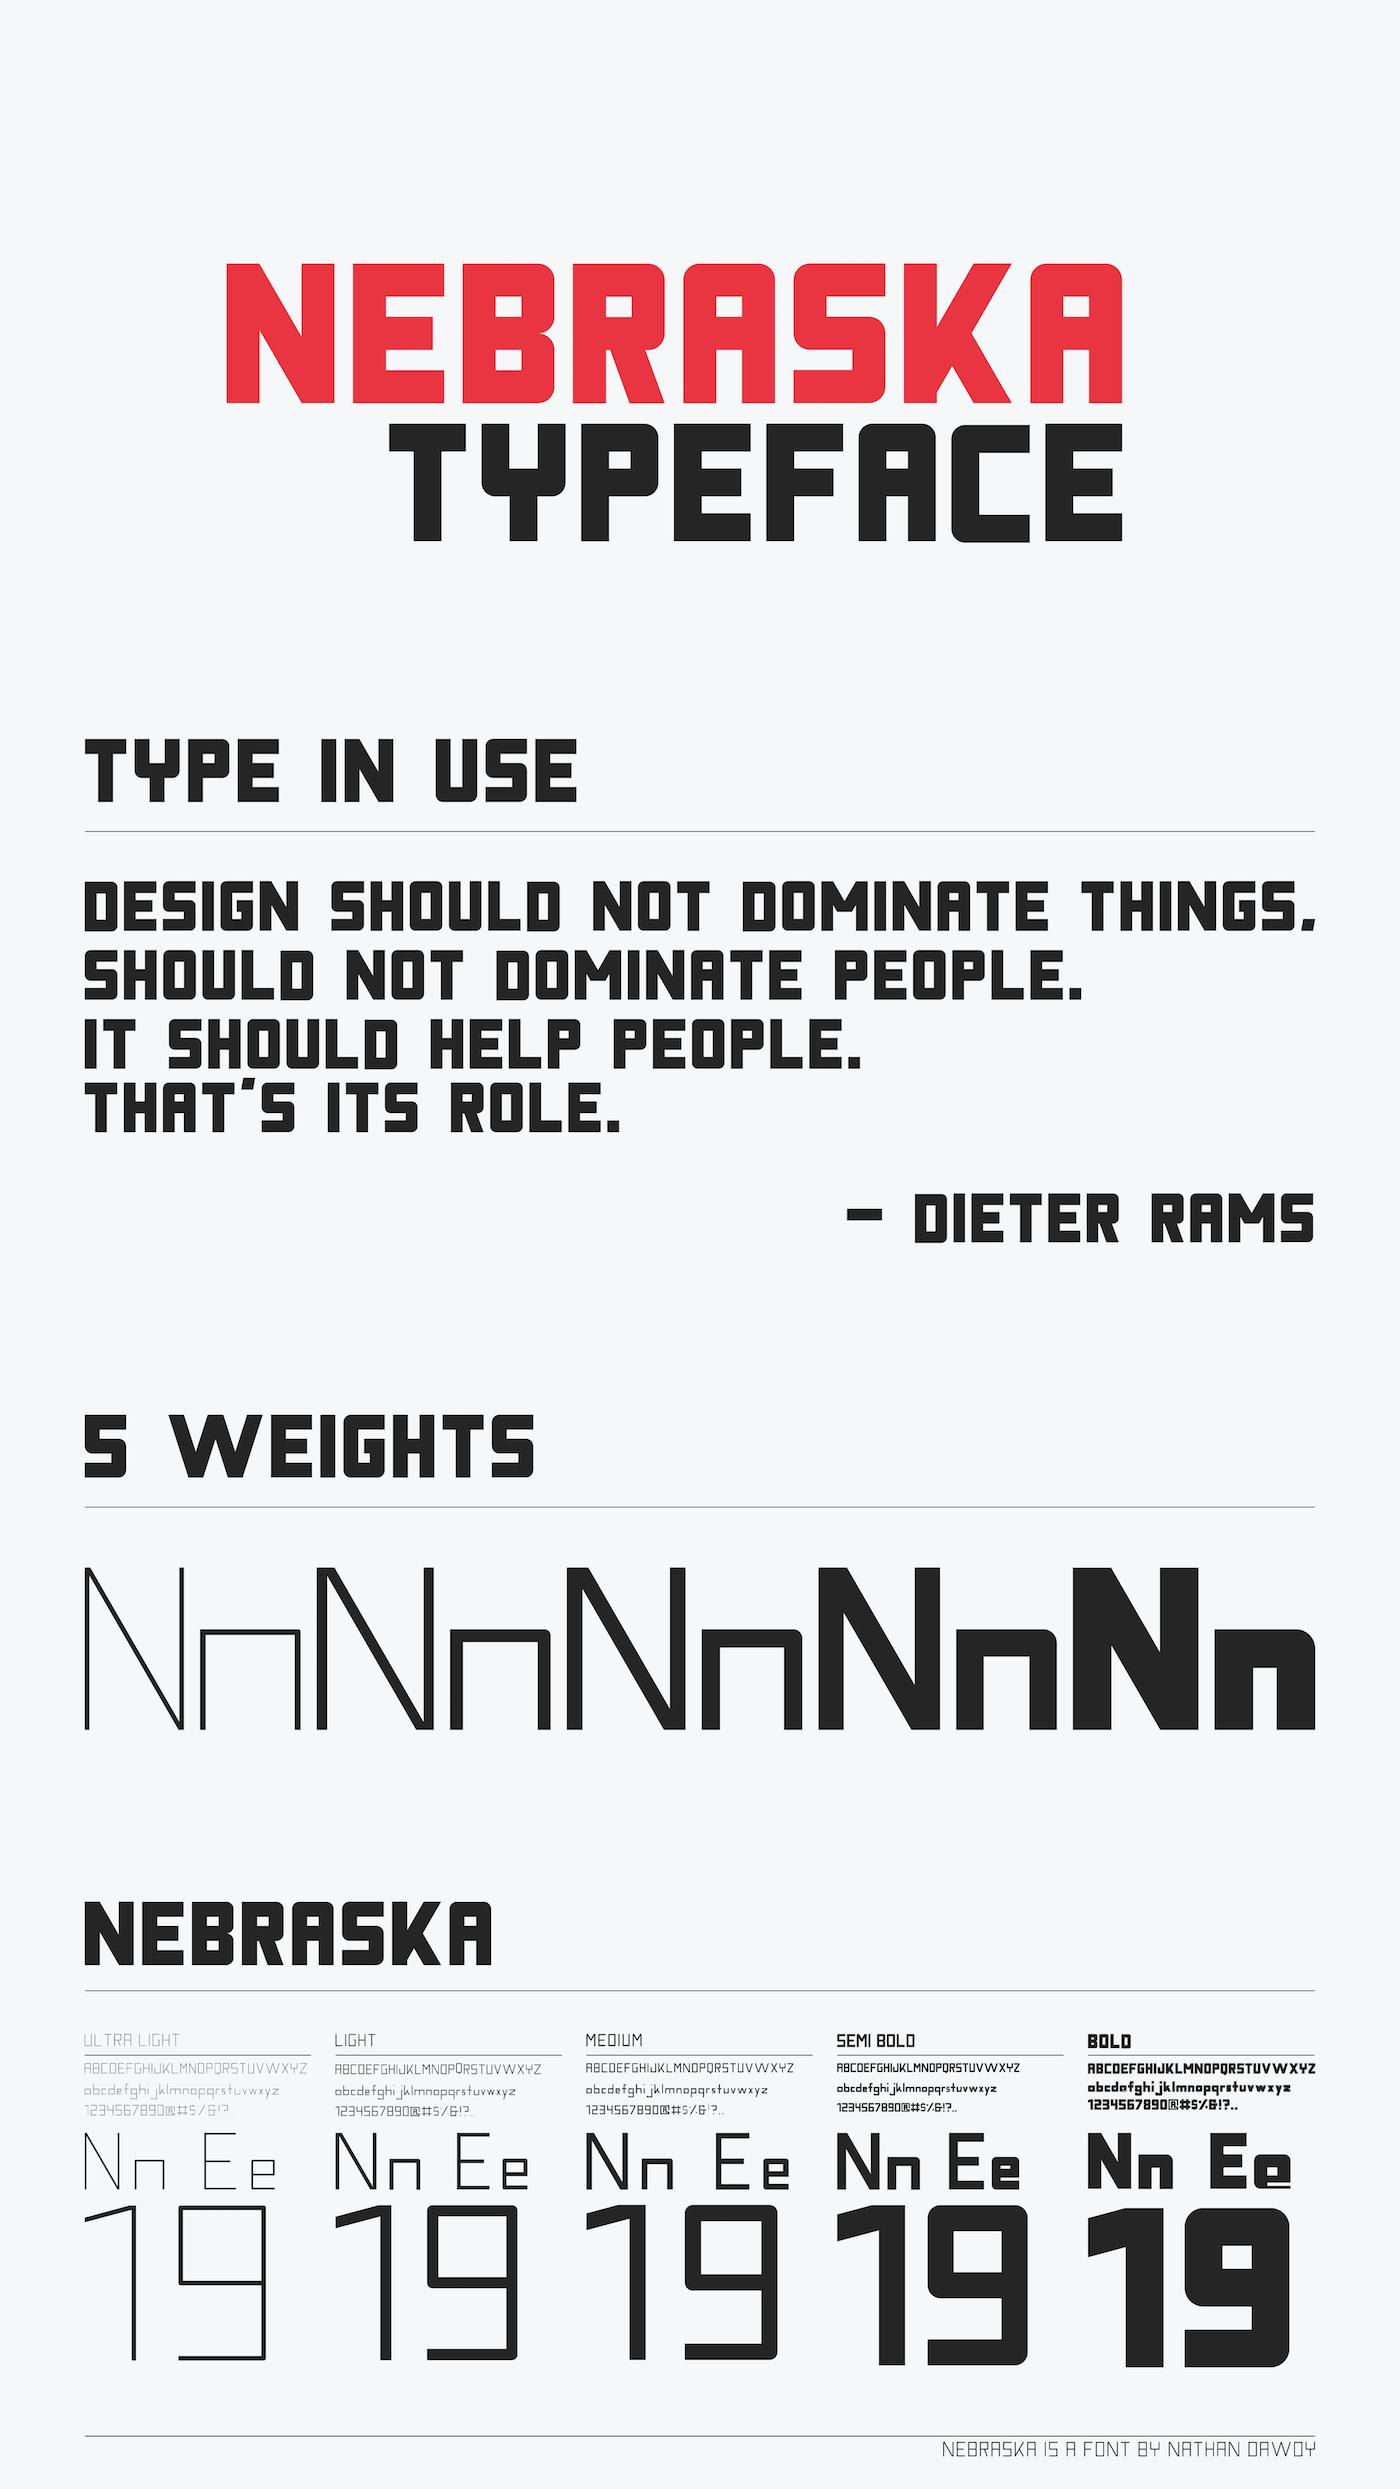 Nebraska Typeface